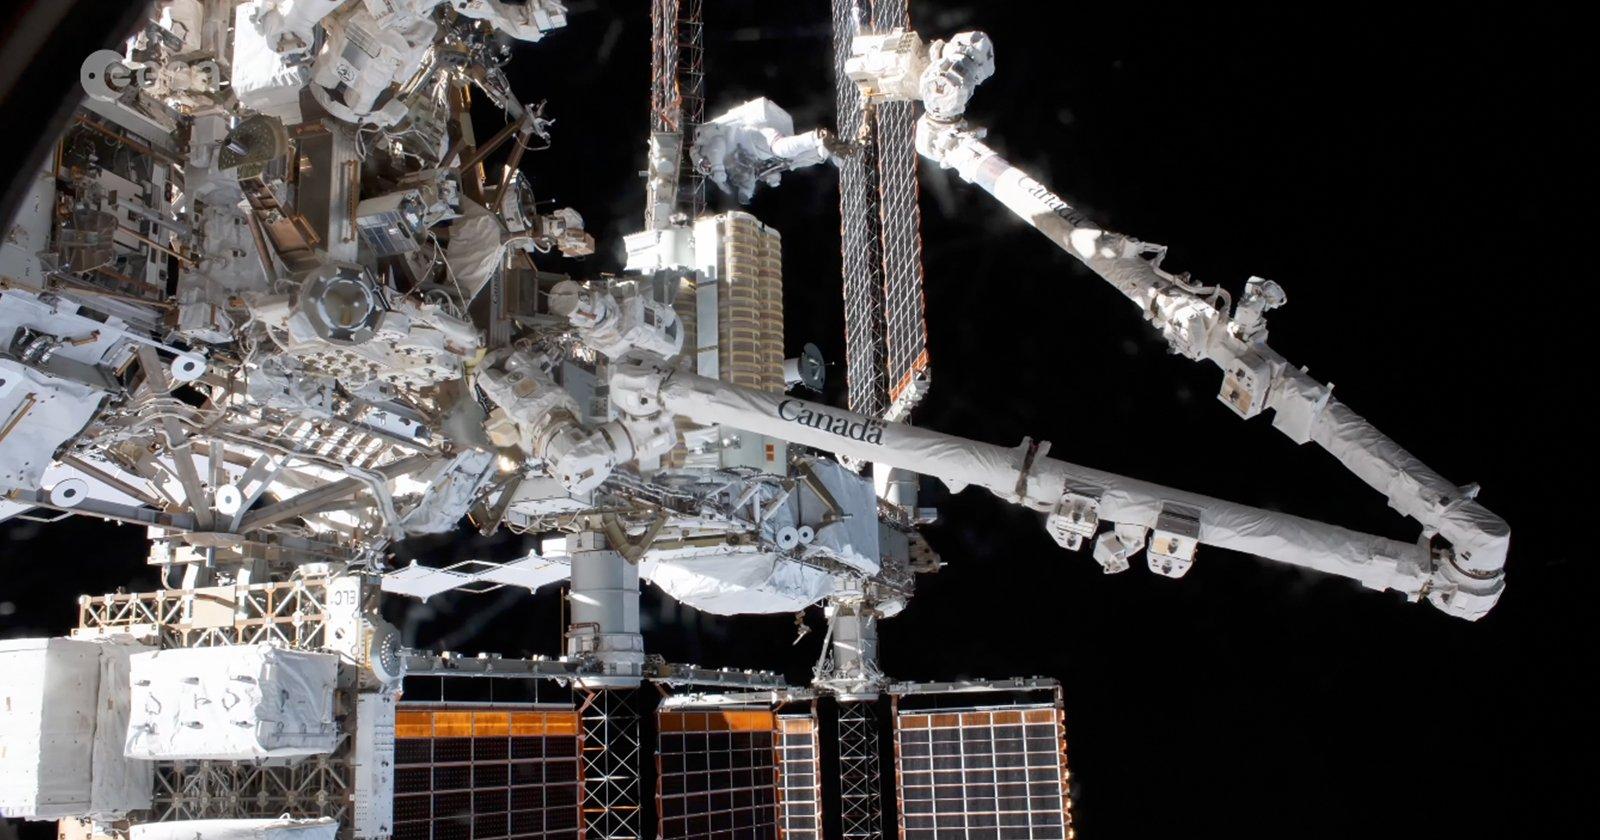 Timelapse mostra come gli astronauti installano nuovi pannelli solari sulla ISS